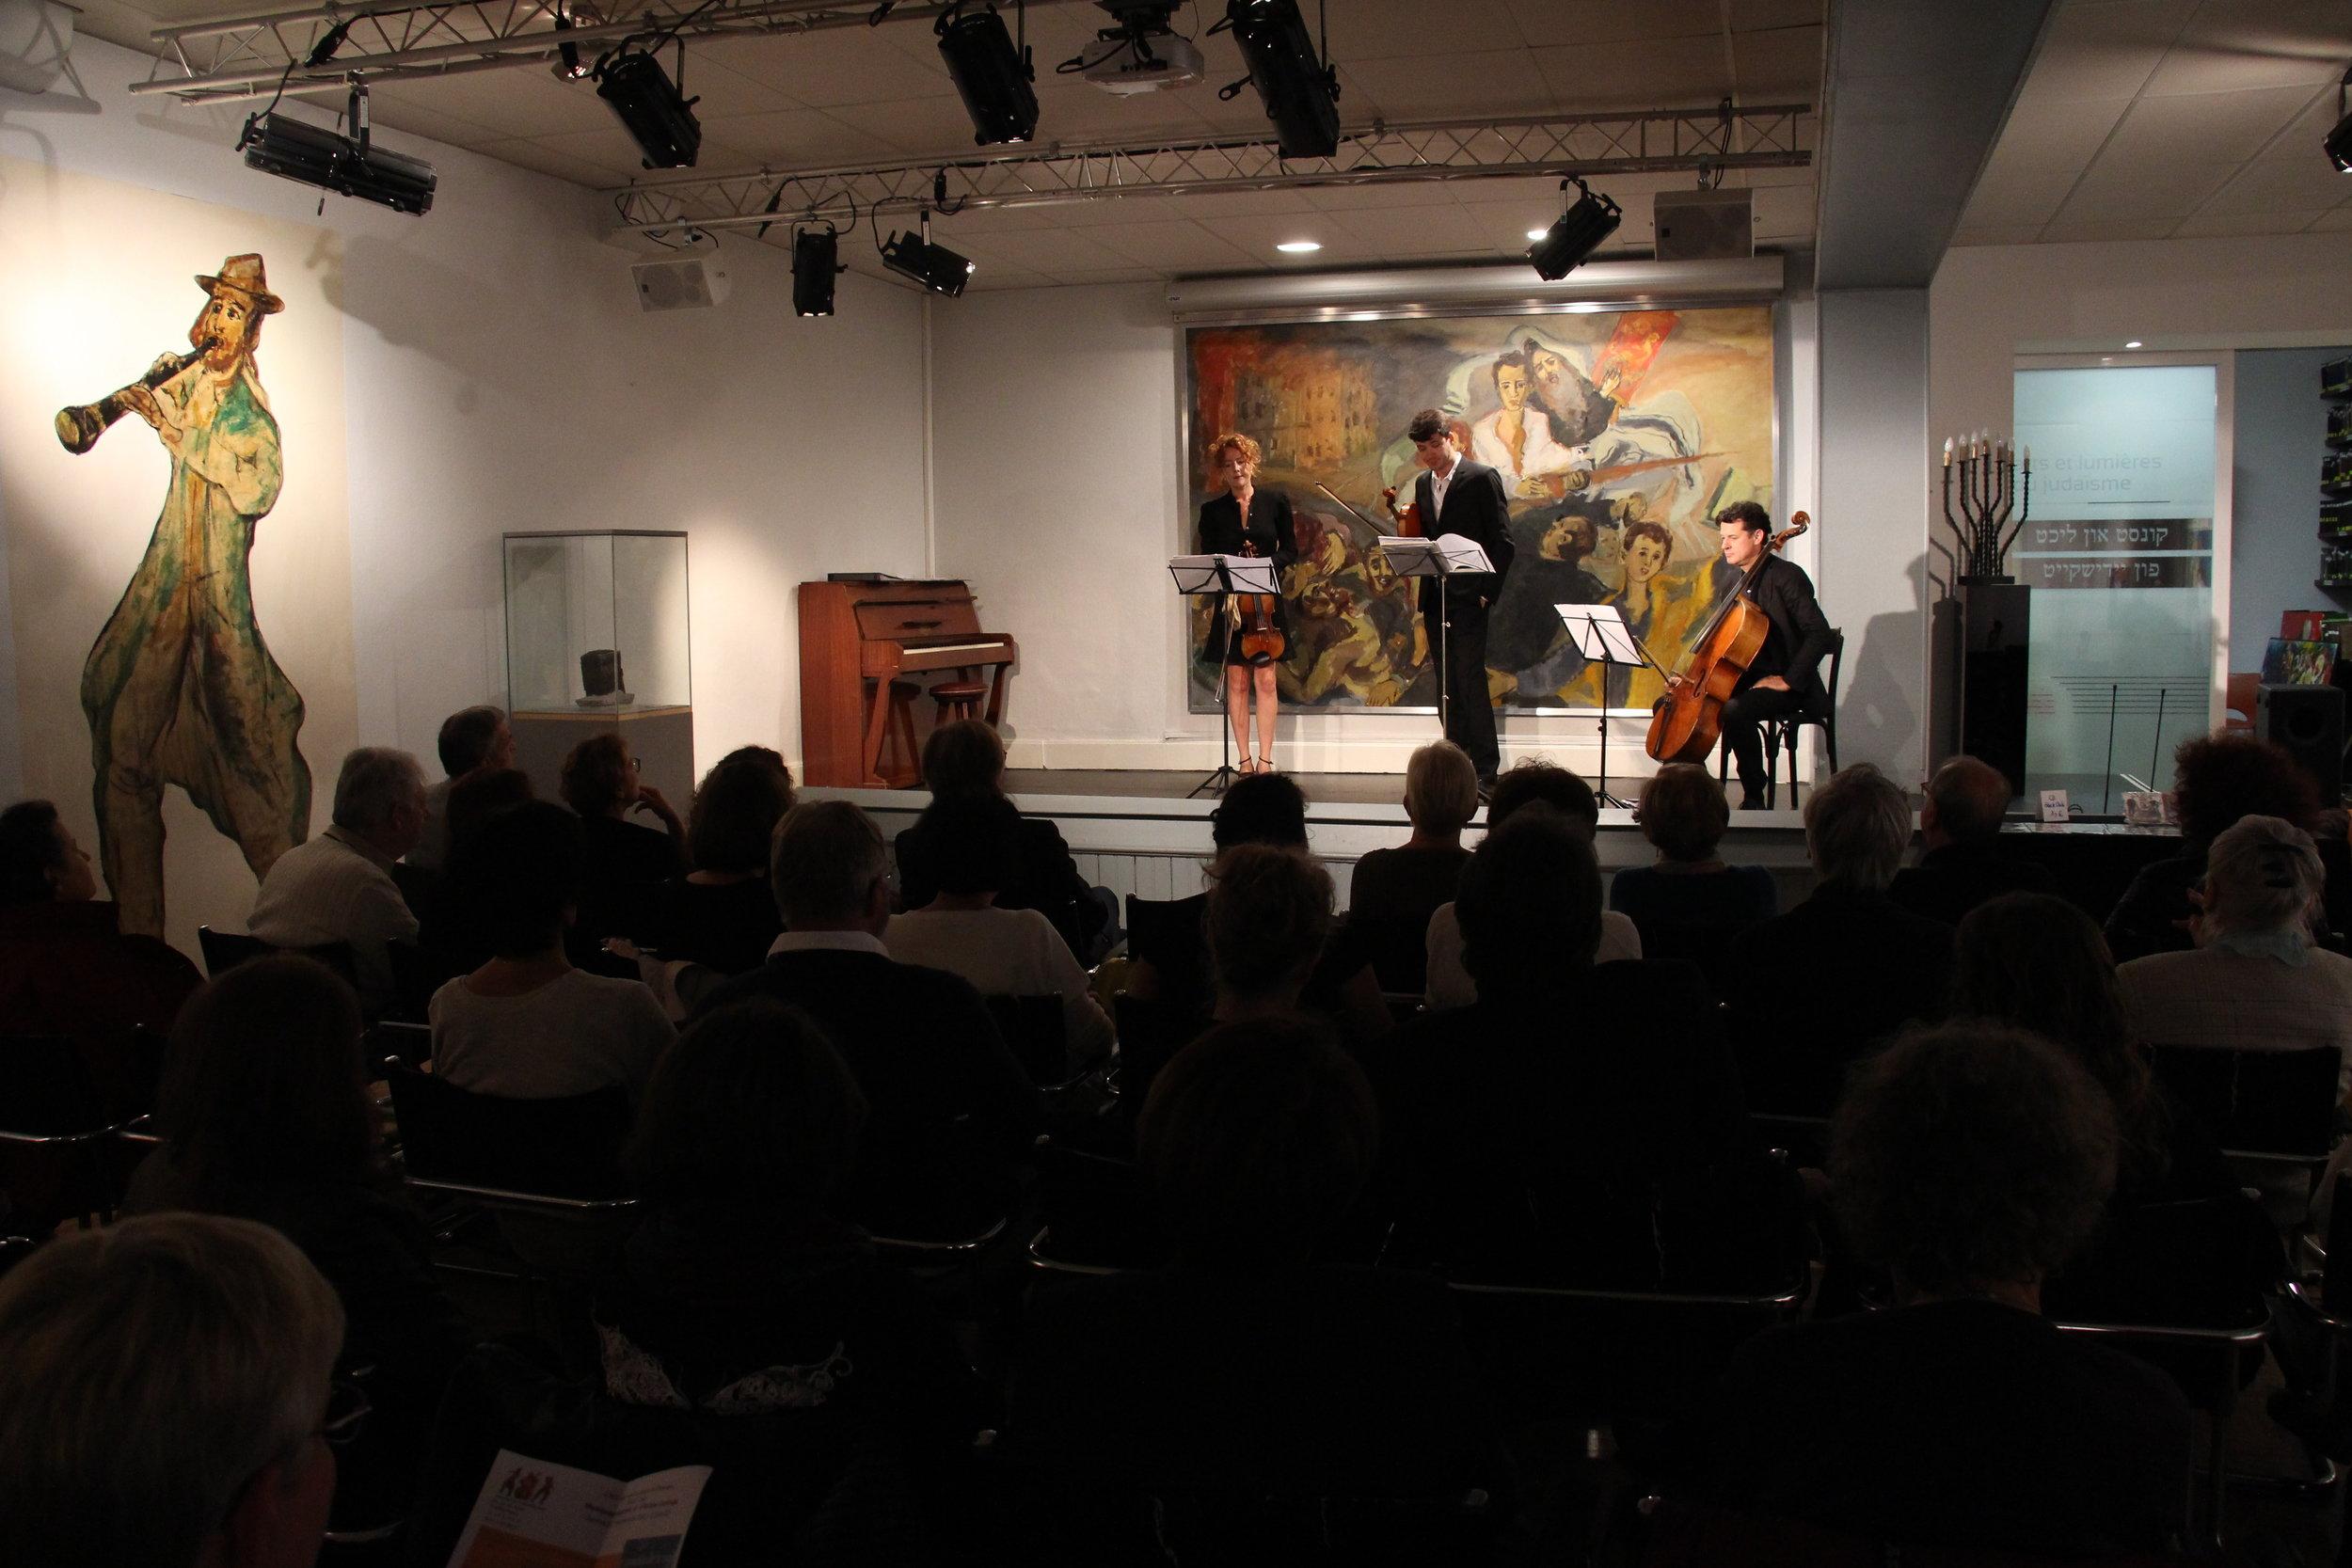 Concert in Nancy